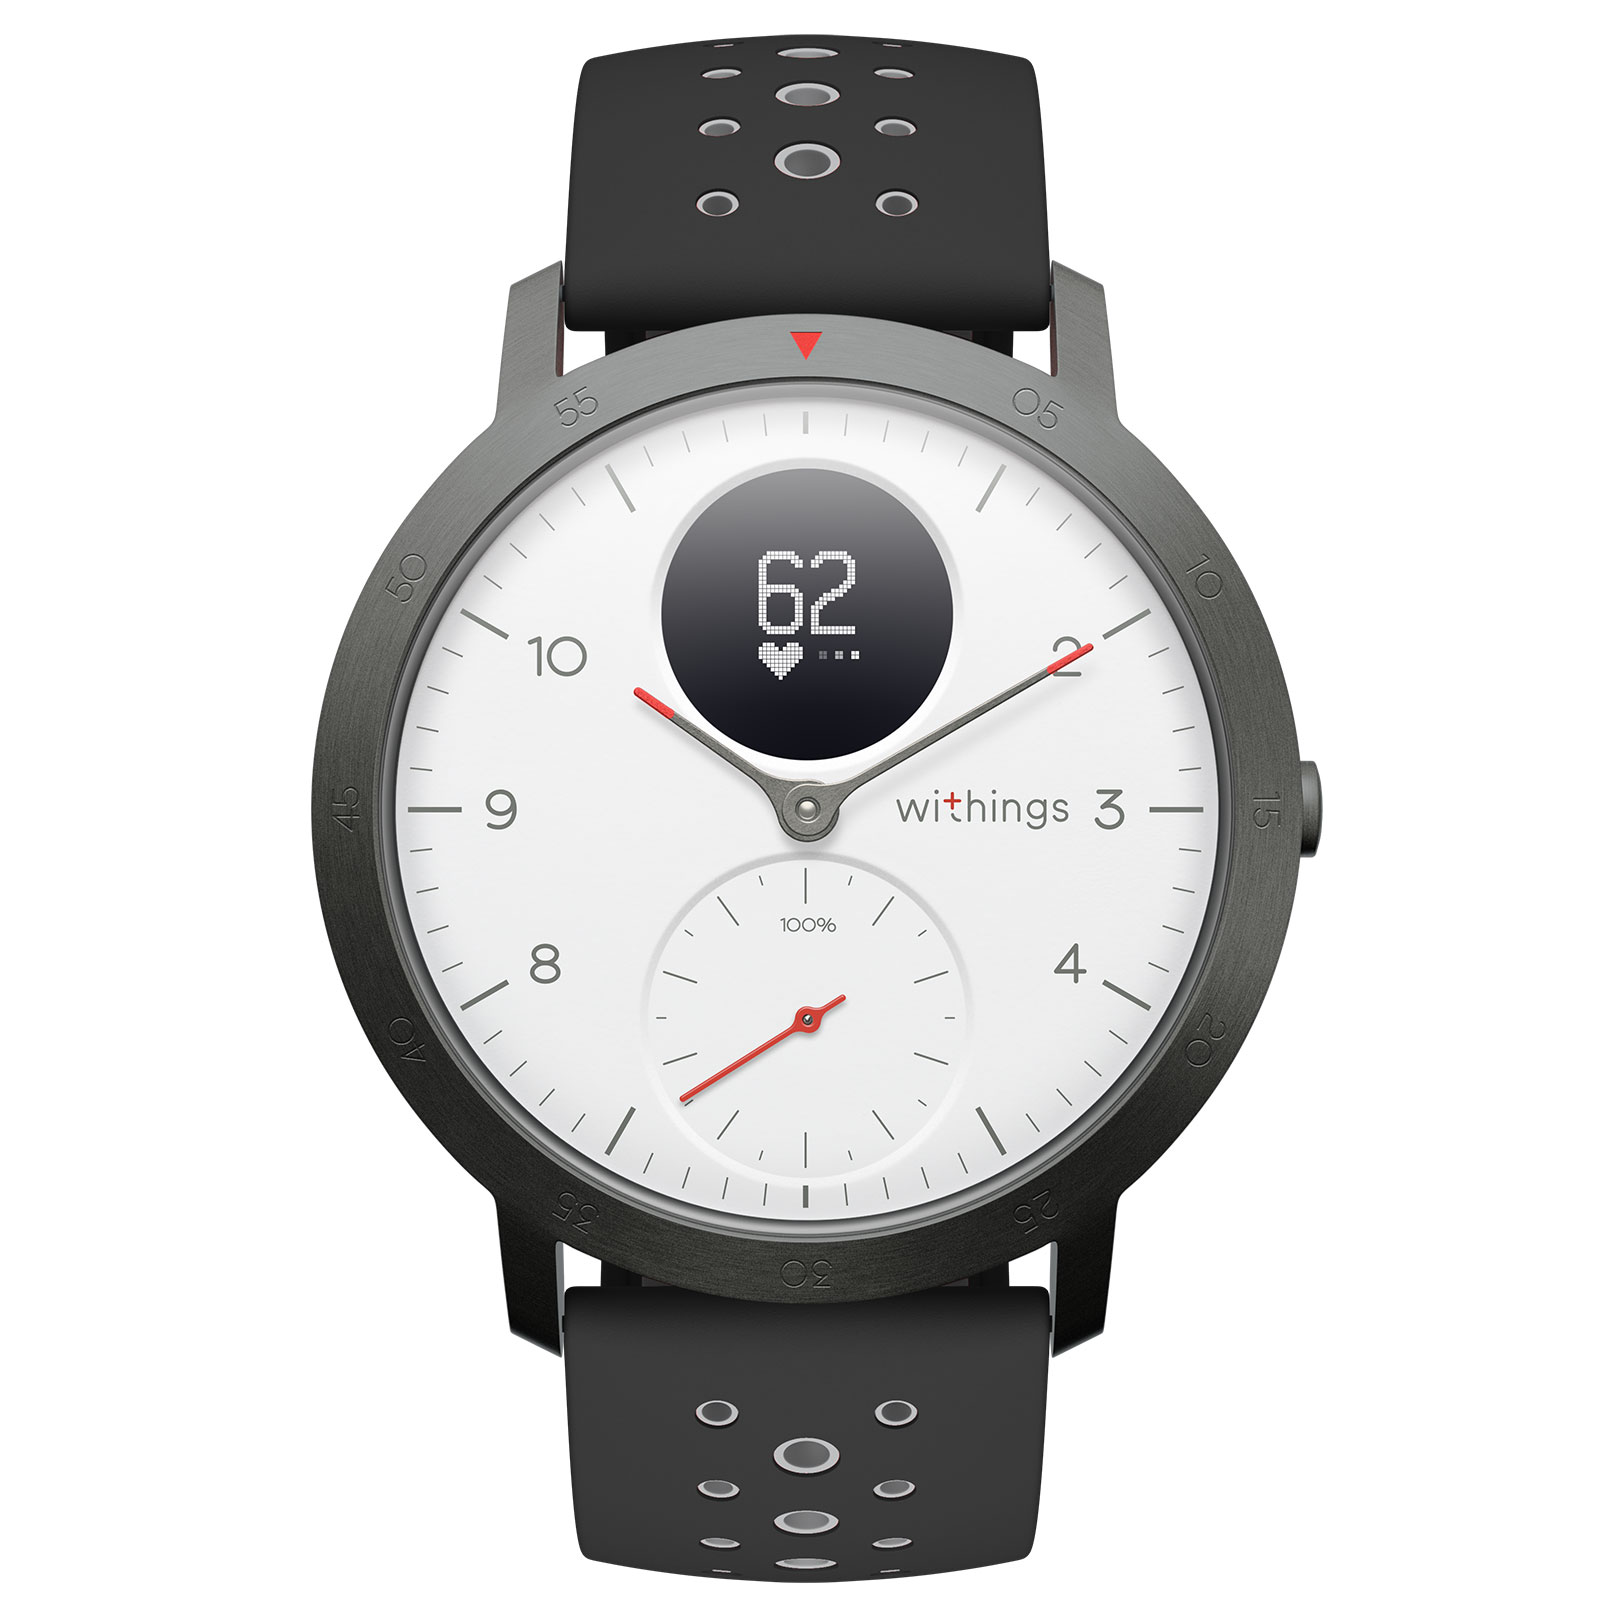 Bracelet connecté Withings Steel HR Sport Blanc Montre connectée étanche avec suivi d'activité, analyse du sommeil, rythme cardiaque, notifications et Bluetooth (iOS et Android)